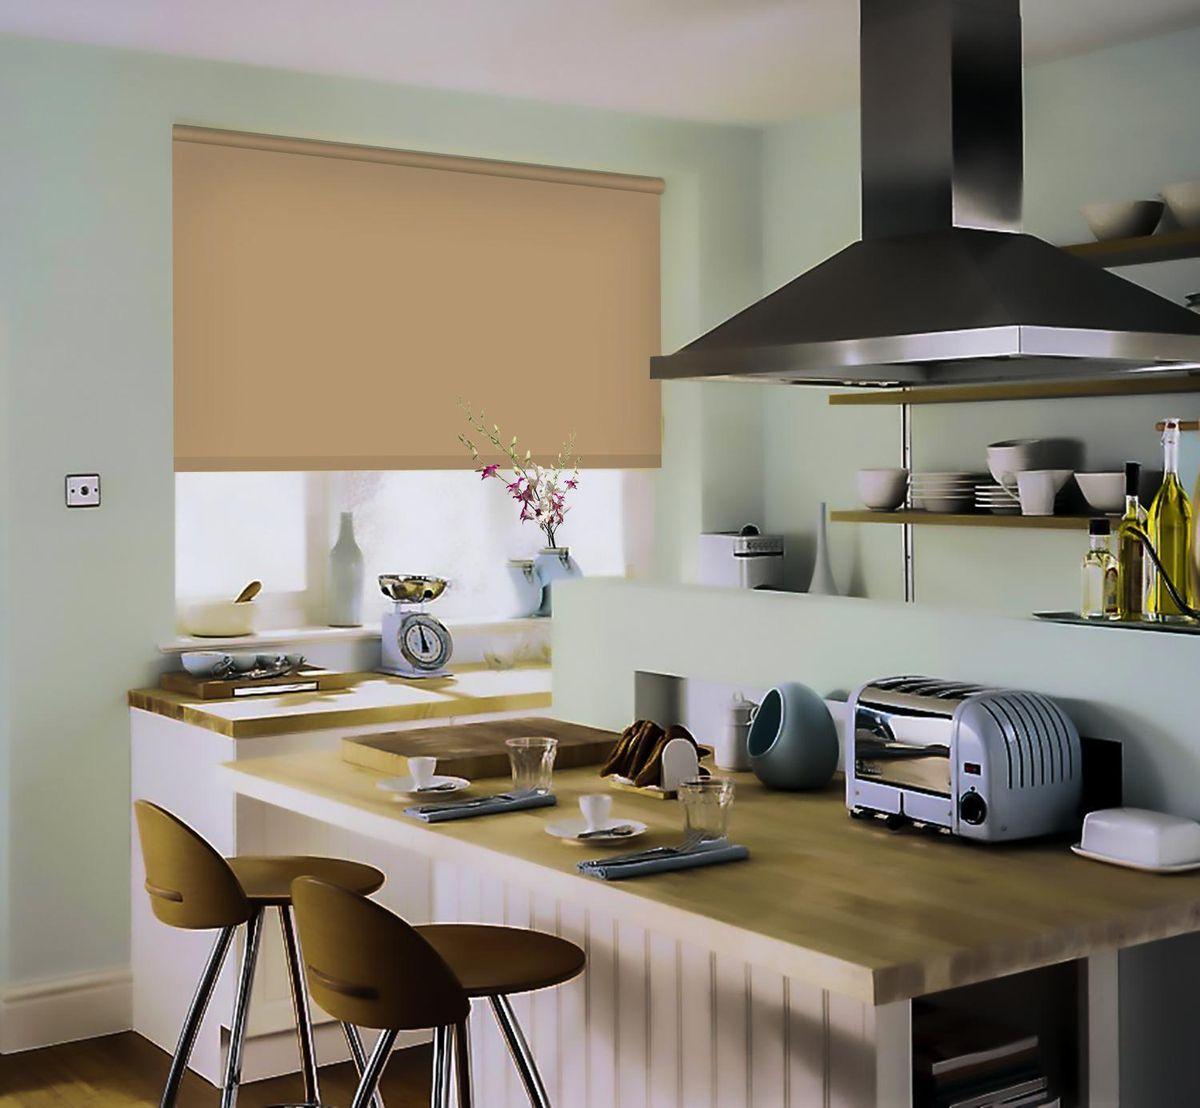 Штора рулонная Эскар, цвет: темно-бежевый, ширина 130 см, высота 170 см81209130170Рулонными шторами можно оформлять окна как самостоятельно, так и использовать в комбинации с портьерами. Это поможет предотвратить выгорание дорогой ткани на солнце и соединит функционал рулонных с красотой навесных. Преимущества применения рулонных штор для пластиковых окон: - имеют прекрасный внешний вид: многообразие и фактурность материала изделия отлично смотрятся в любом интерьере; - многофункциональны: есть возможность подобрать шторы способные эффективно защитить комнату от солнца, при этом о на не будет слишком темной. - Есть возможность осуществить быстрый монтаж. ВНИМАНИЕ! Размеры ширины изделия указаны по ширине ткани! Во время эксплуатации не рекомендуется полностью разматывать рулон, чтобы не оторвать ткань от намоточного вала. В случае загрязнения поверхности ткани, чистку шторы проводят одним из способов, в зависимости от типа загрязнения: легкое поверхностное загрязнение можно удалить при помощи...